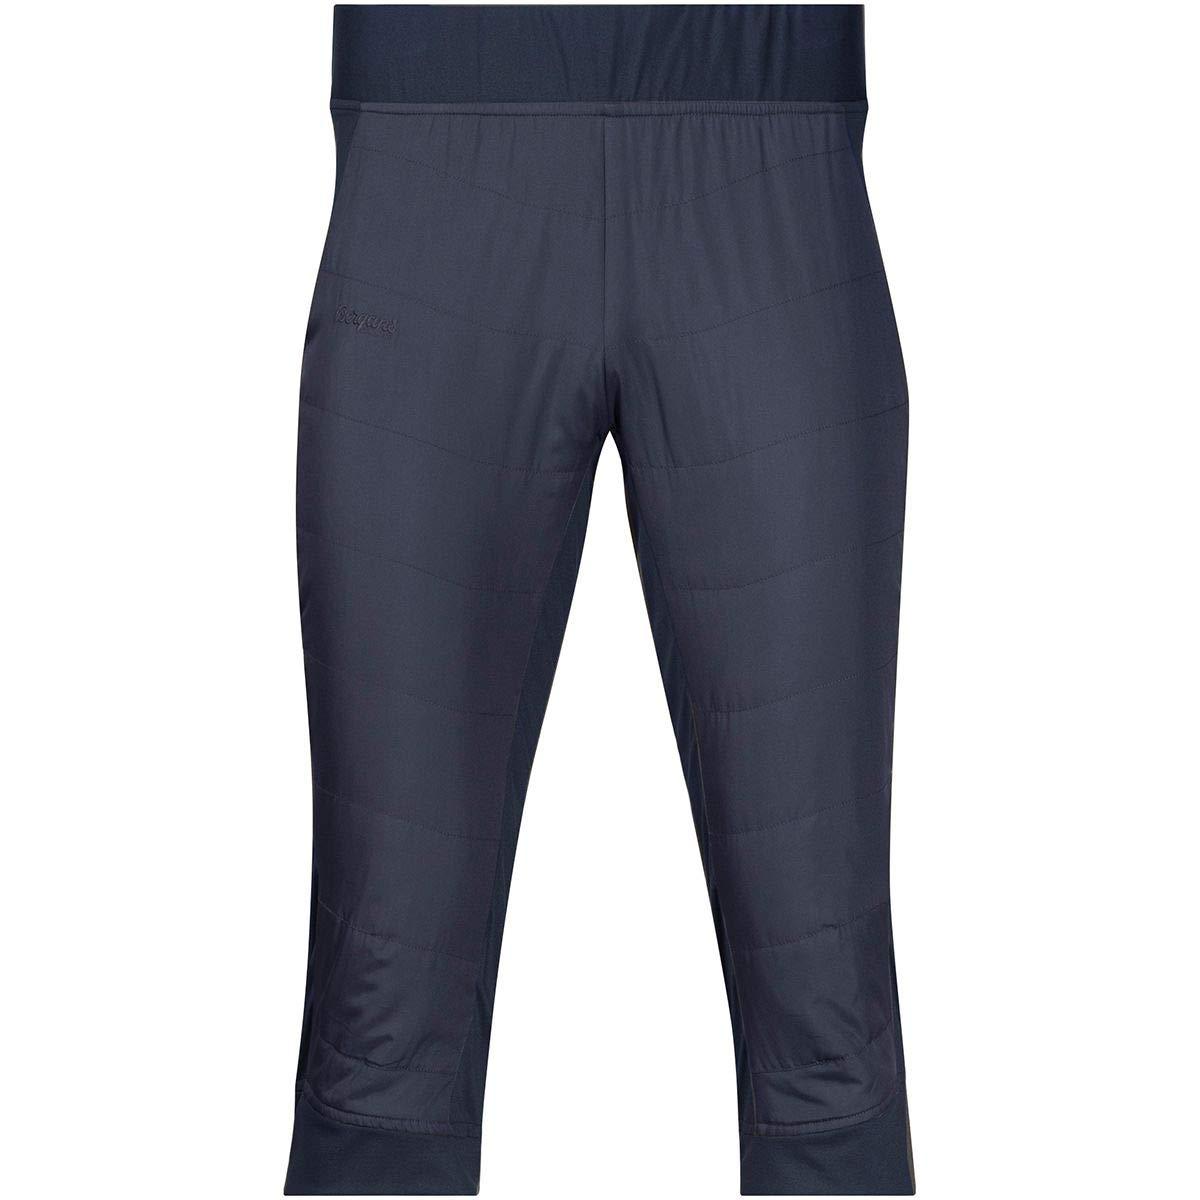 Bergans Stranda Hybrid 3/4 Pants Men Dark Navy/Dark Navy Mel/Dark FogBlau 2018 Hose kurz